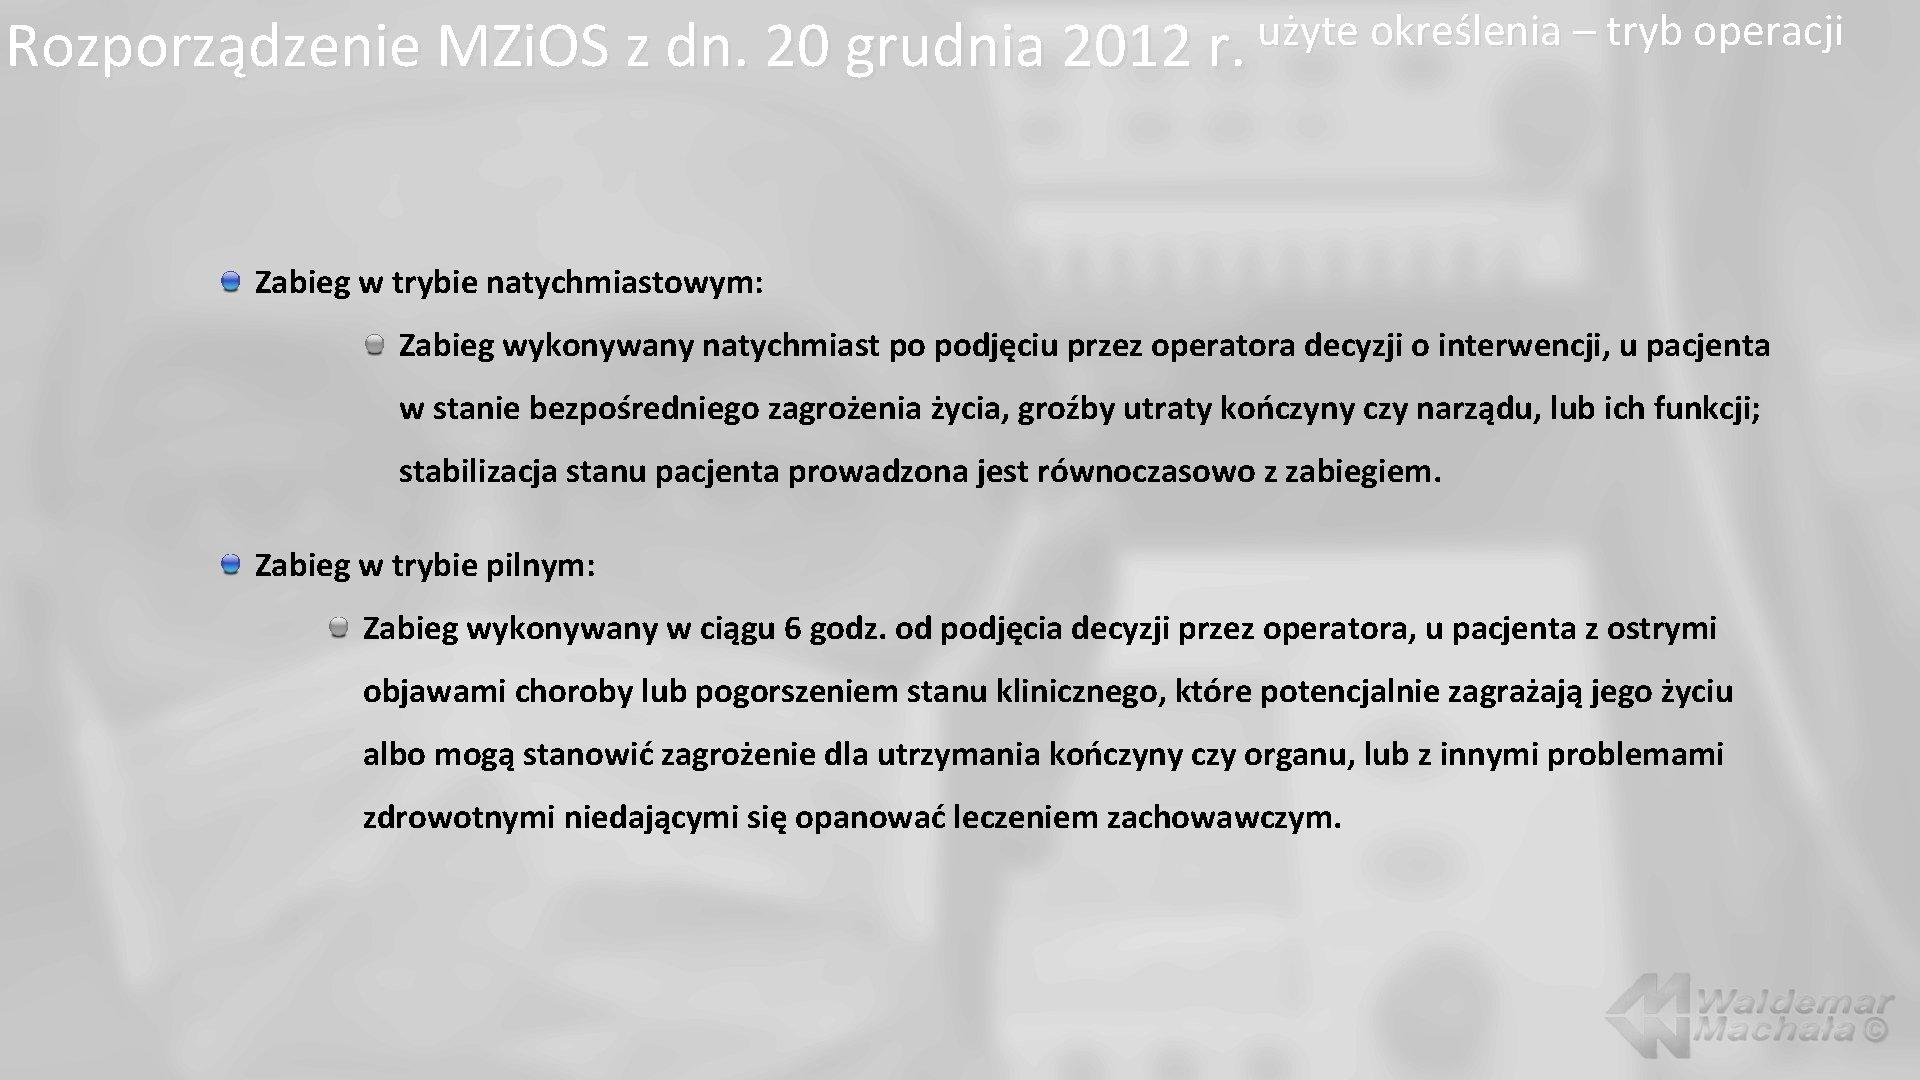 użyte określenia – tryb operacji Rozporządzenie MZi. OS z dn. 20 grudnia 2012 r.